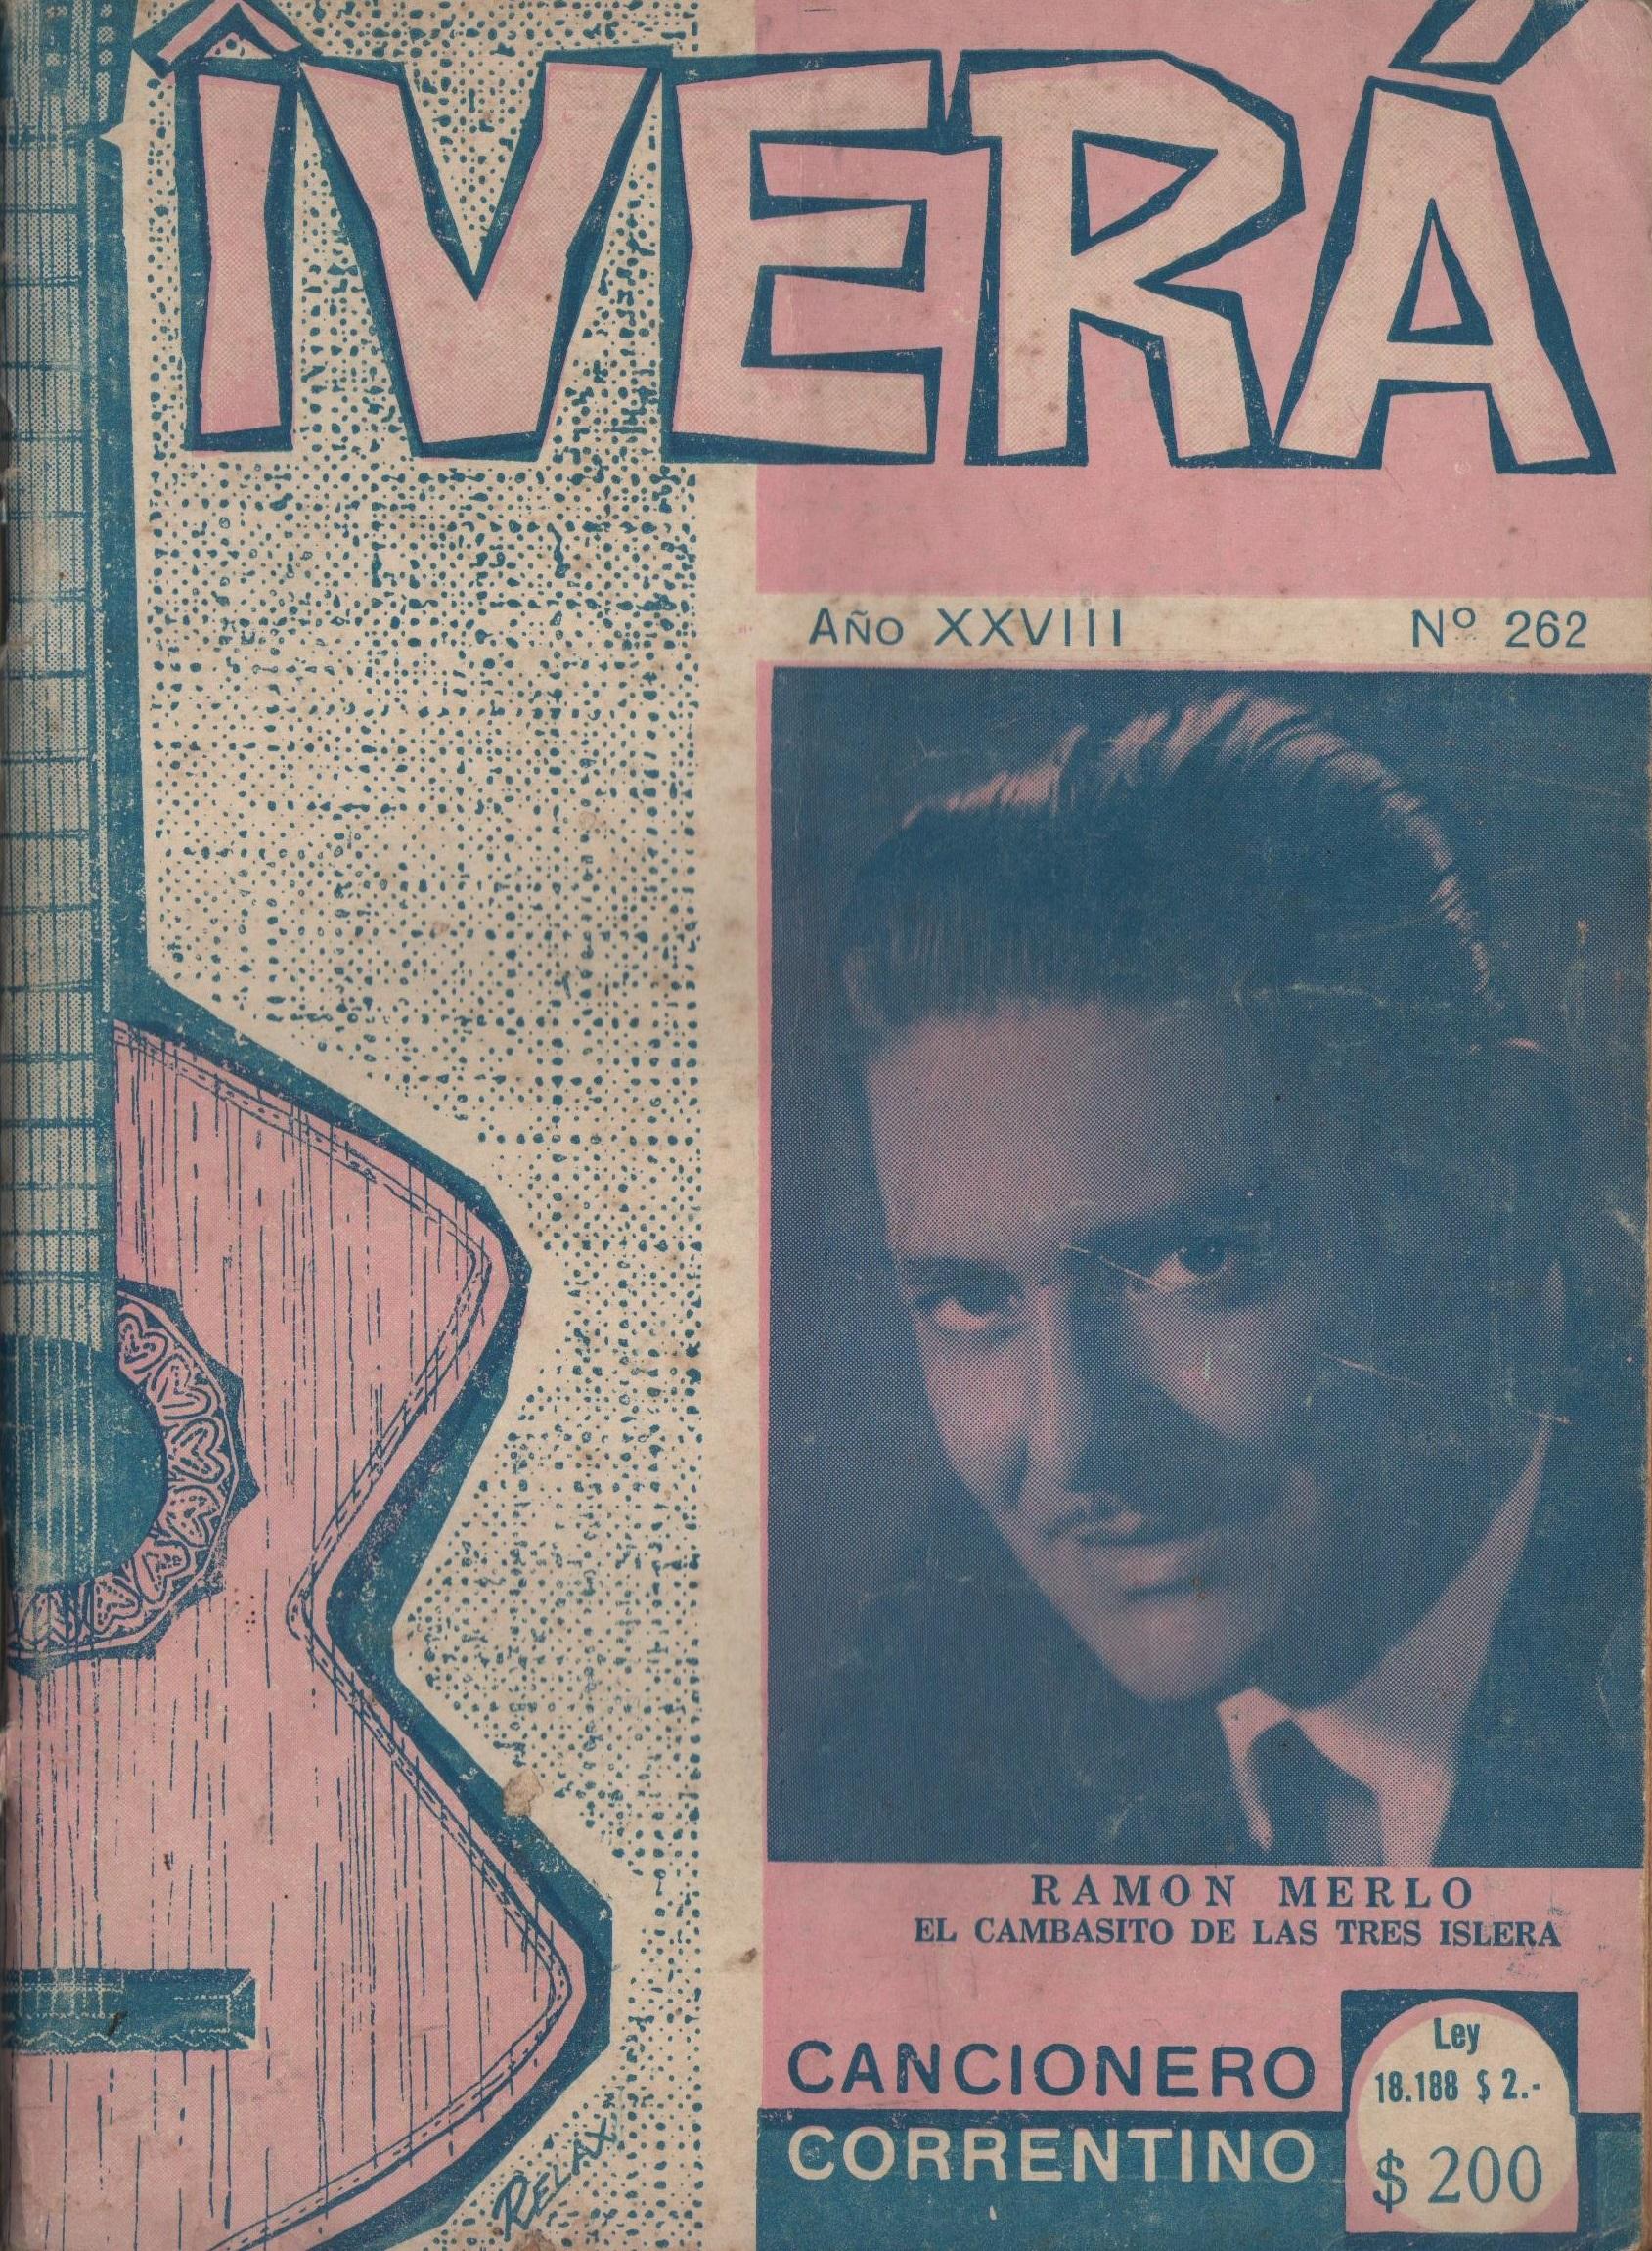 Nº 262 - Diciembre de 1971